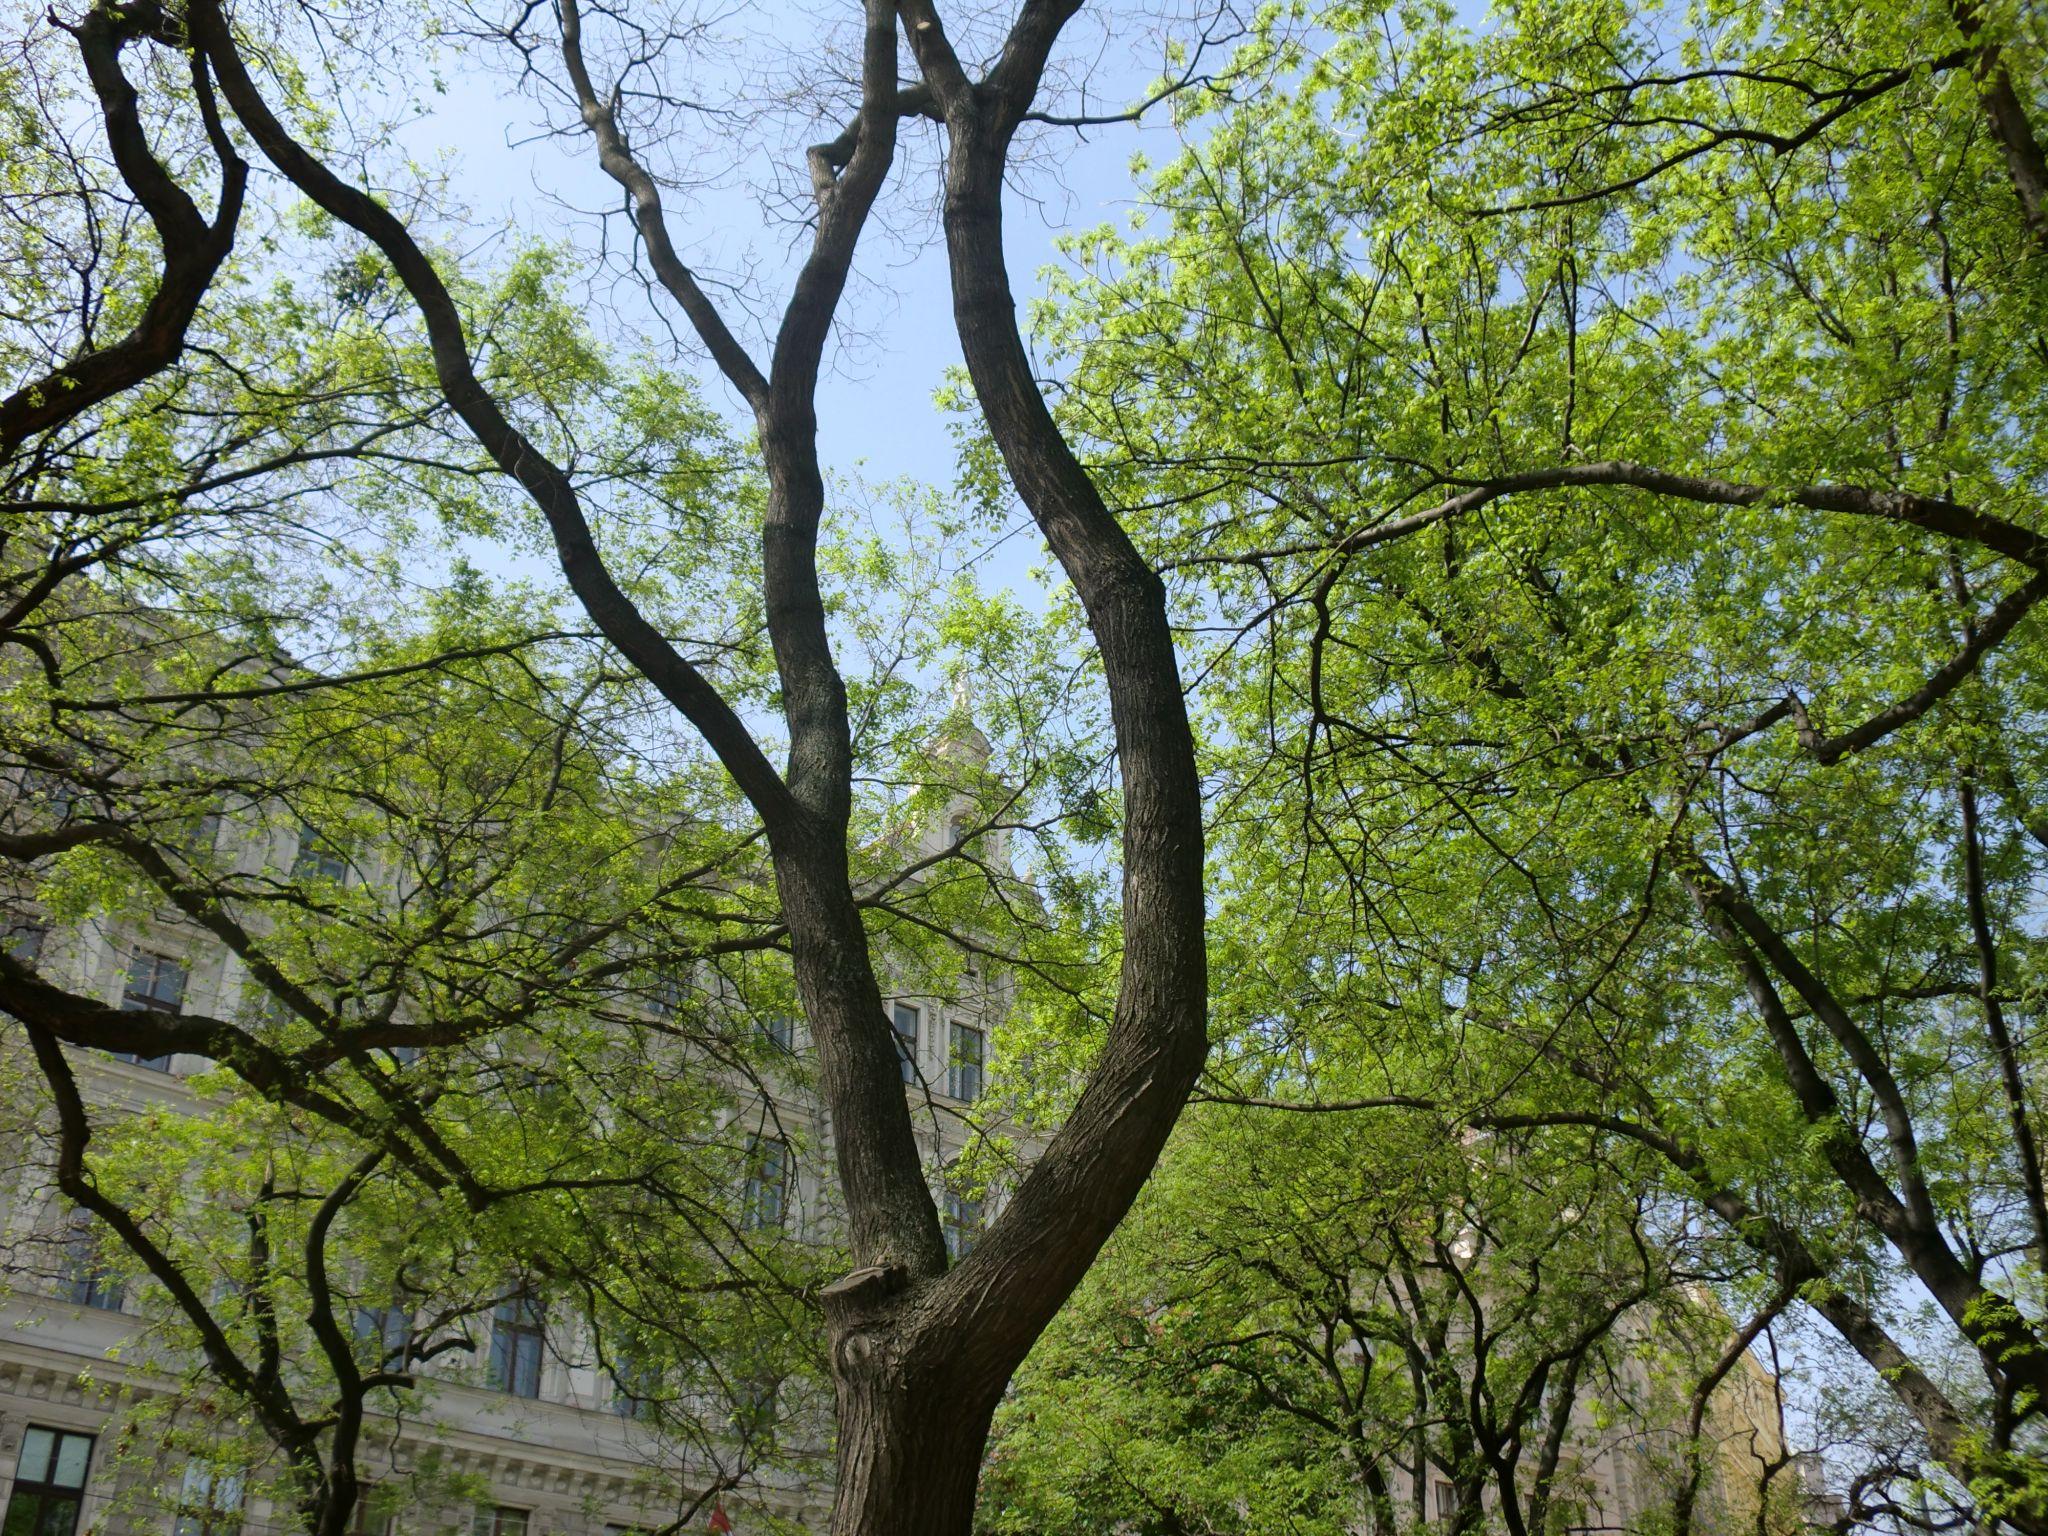 Vienna park 3 1440x1080 - Vienna: elegant beauty